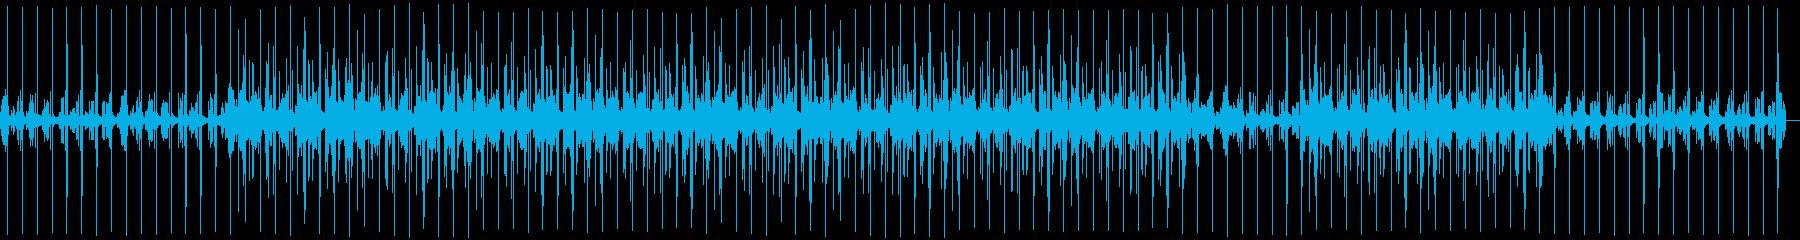 一途で切ないR&Bバラードの再生済みの波形